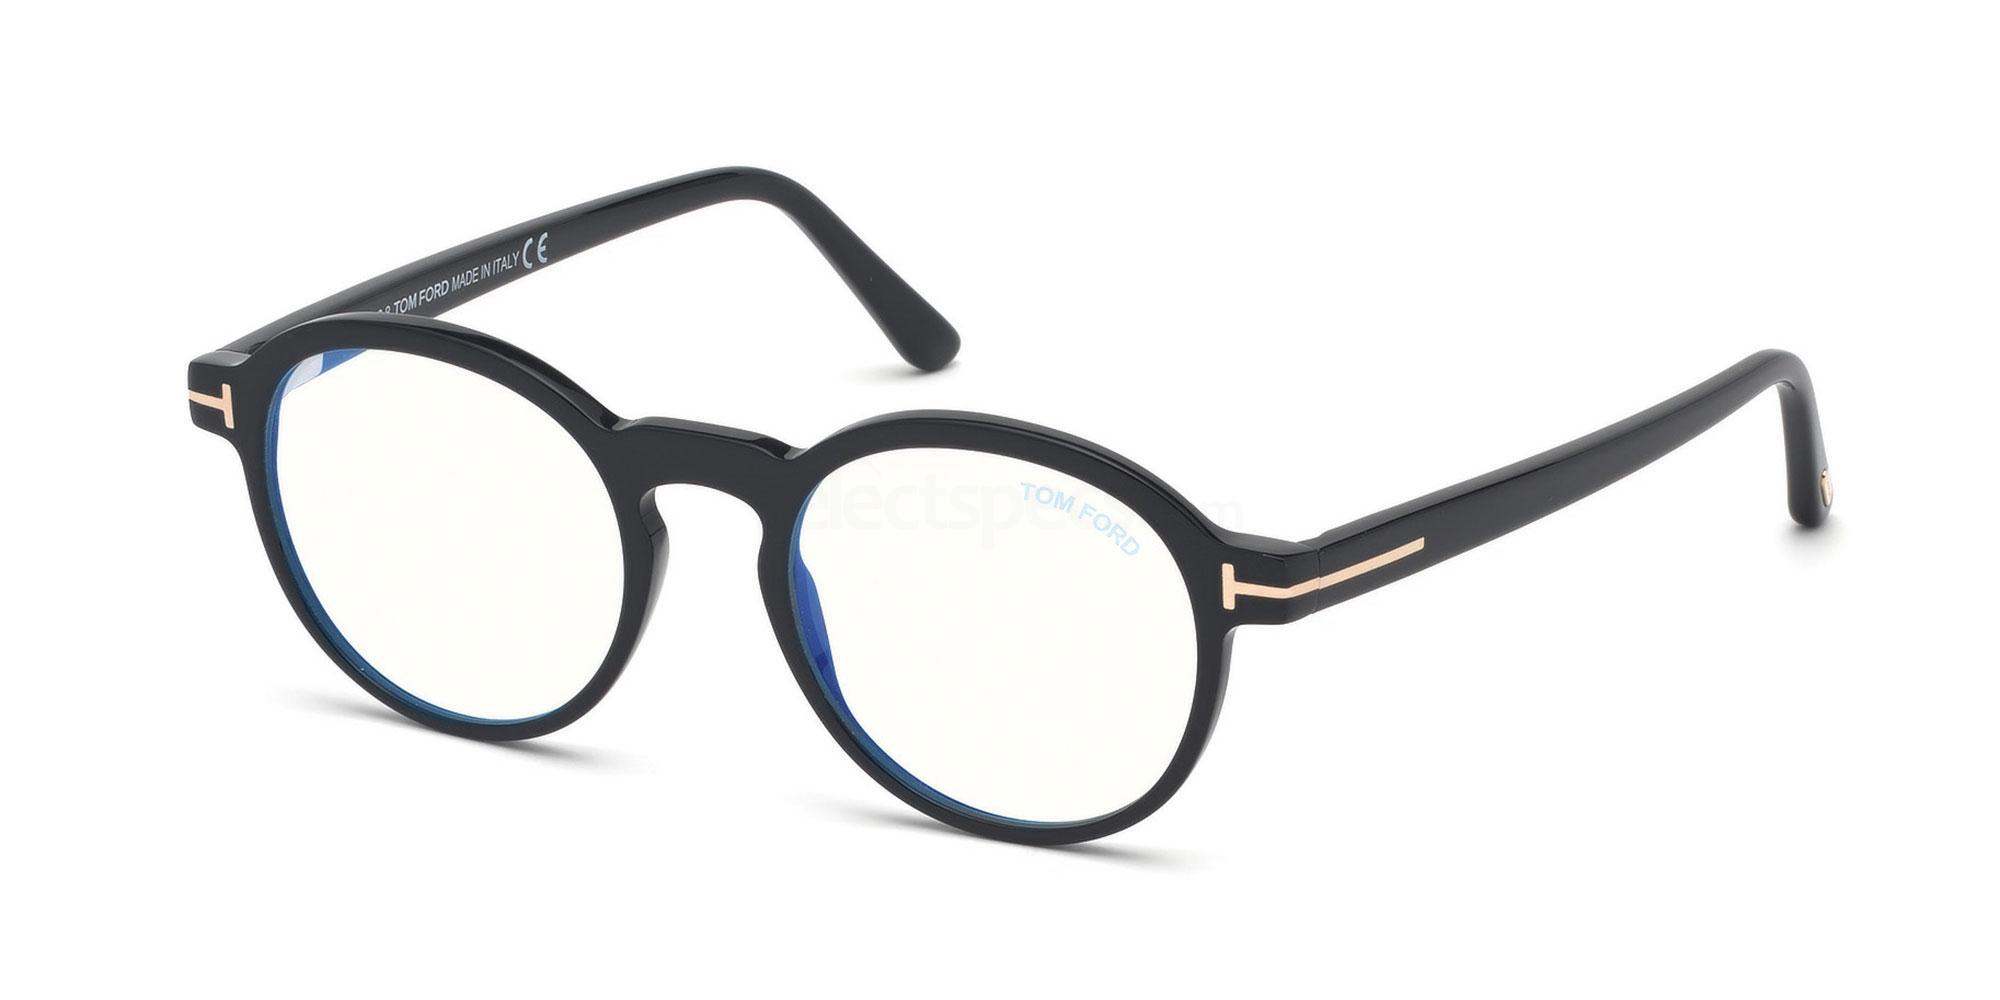 001 FT5606-B Glasses, Tom Ford